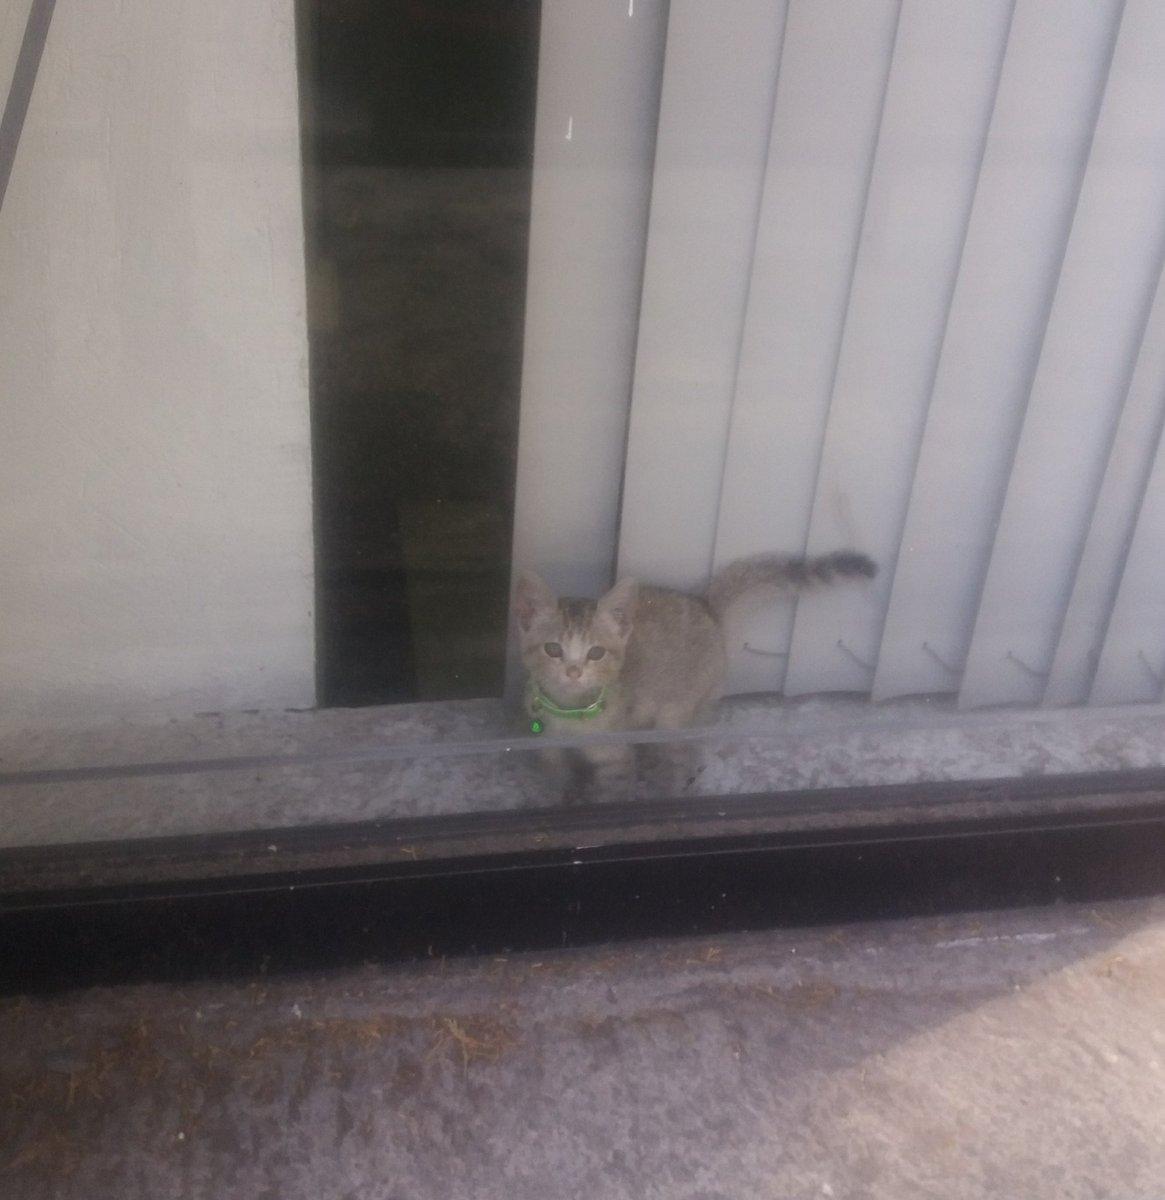 Amingus, este gatito lleva al menos desde ayer encerrado en un sótano/bodega de la sucursal de @Citibanamex que está en Flores Magón y Dr. Atl. Supuse que ayer alguien lo dejó guardado en lo que trabajaba, pero sigue ahí. ¿Cómo nos aseguramos que el gatito esté bien? https://t.co/tVpkPeTrYz